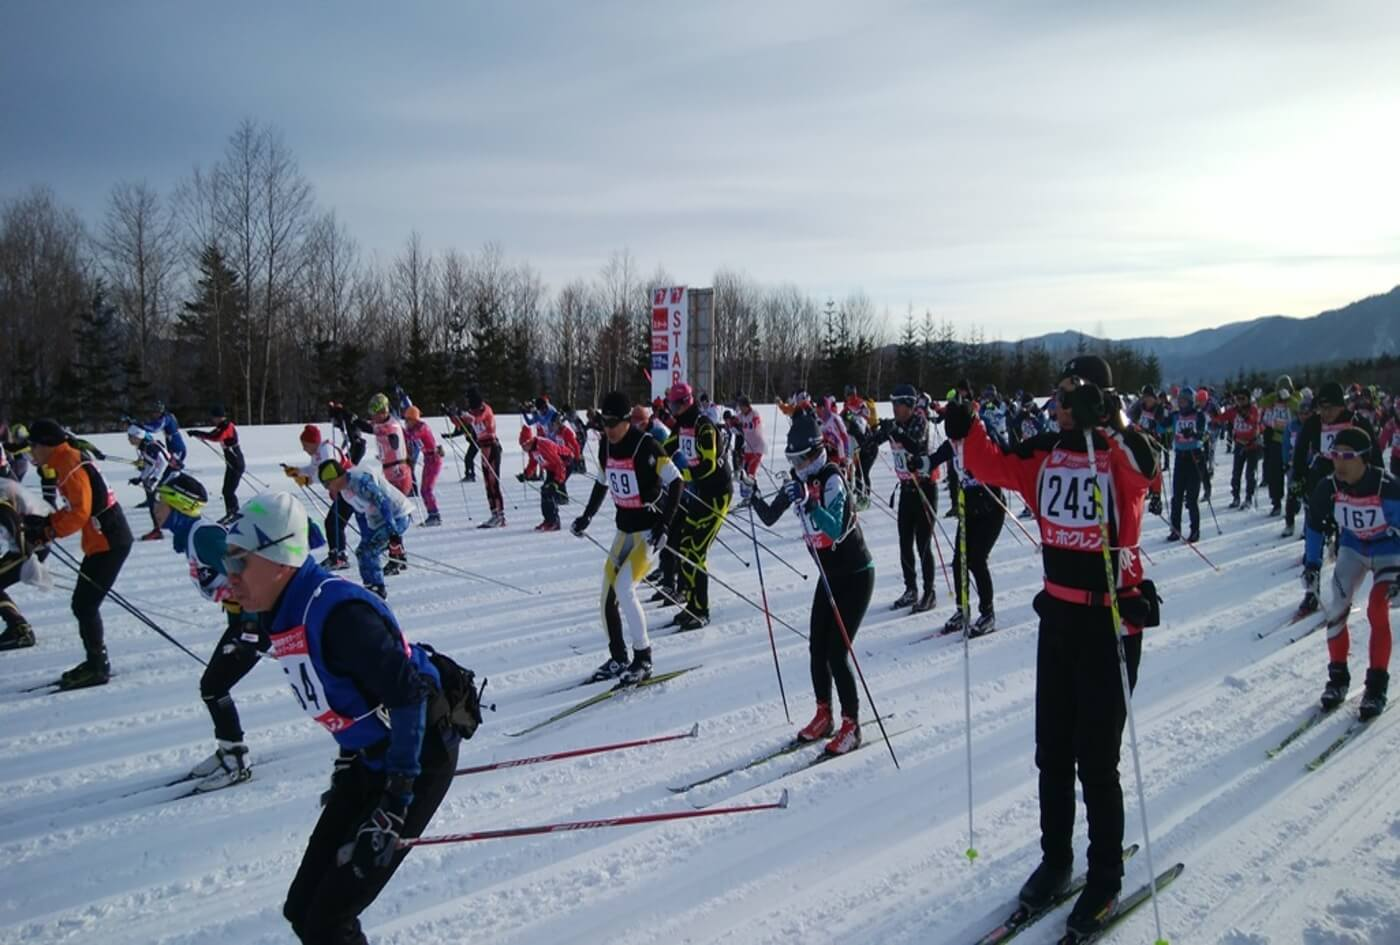 湧別原野オホーツククロスカントリースキー大会 | 北海道